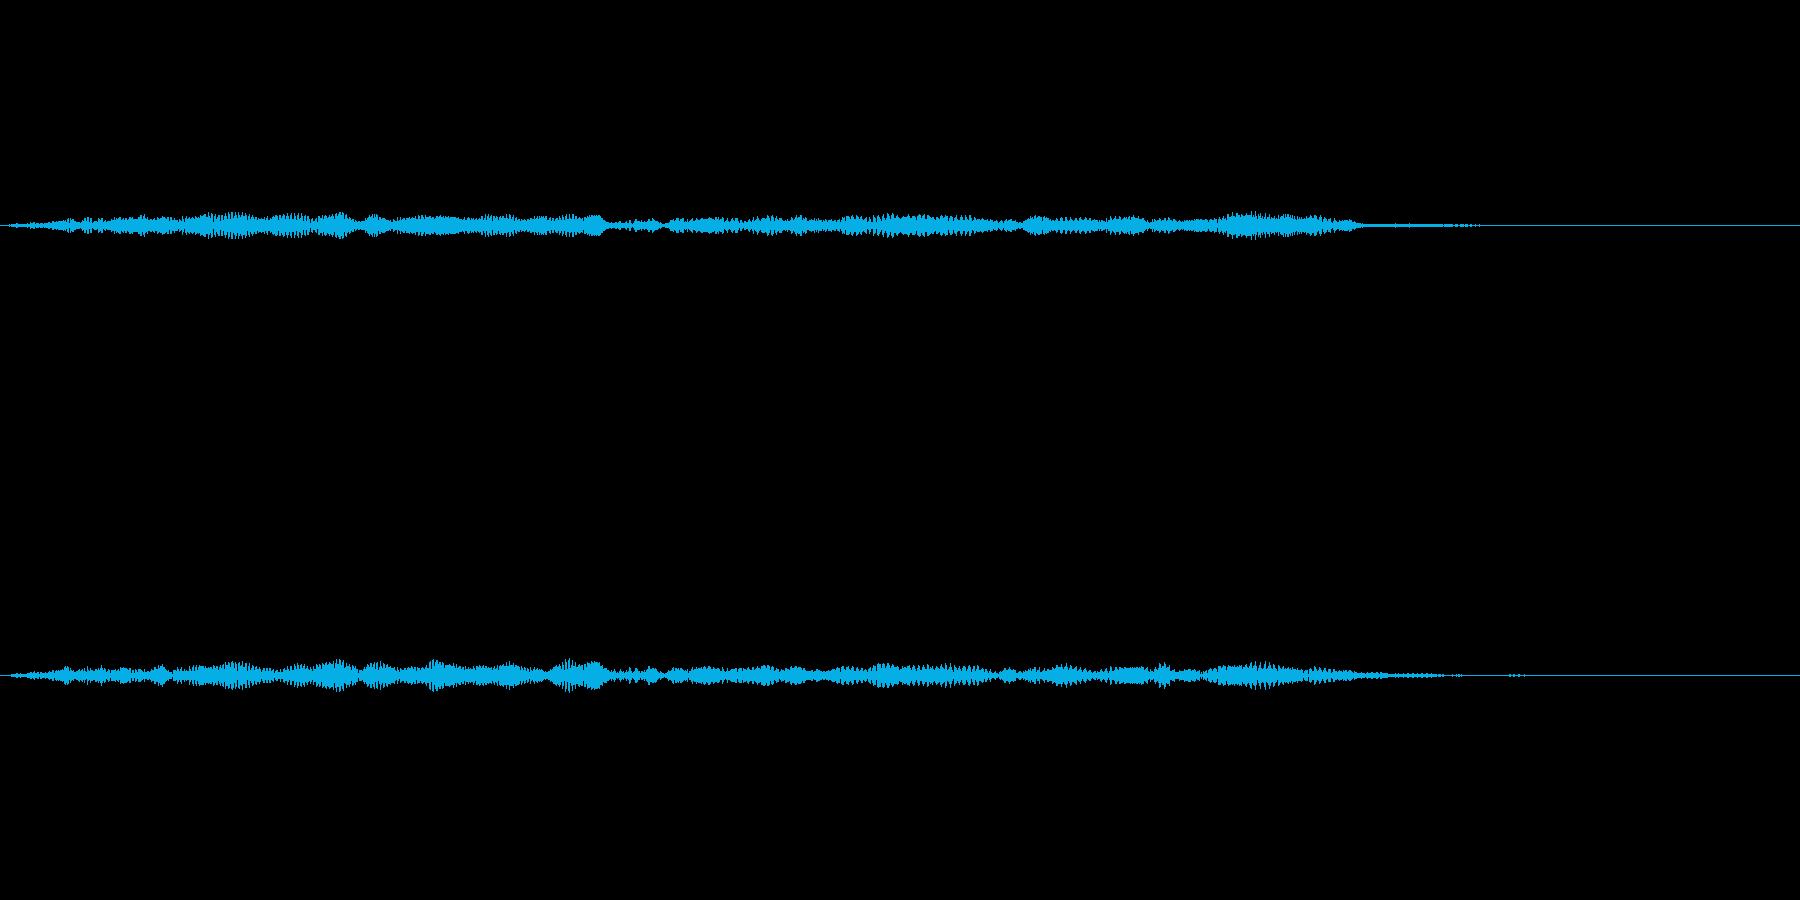 「アーメン的なボイスPad」の再生済みの波形